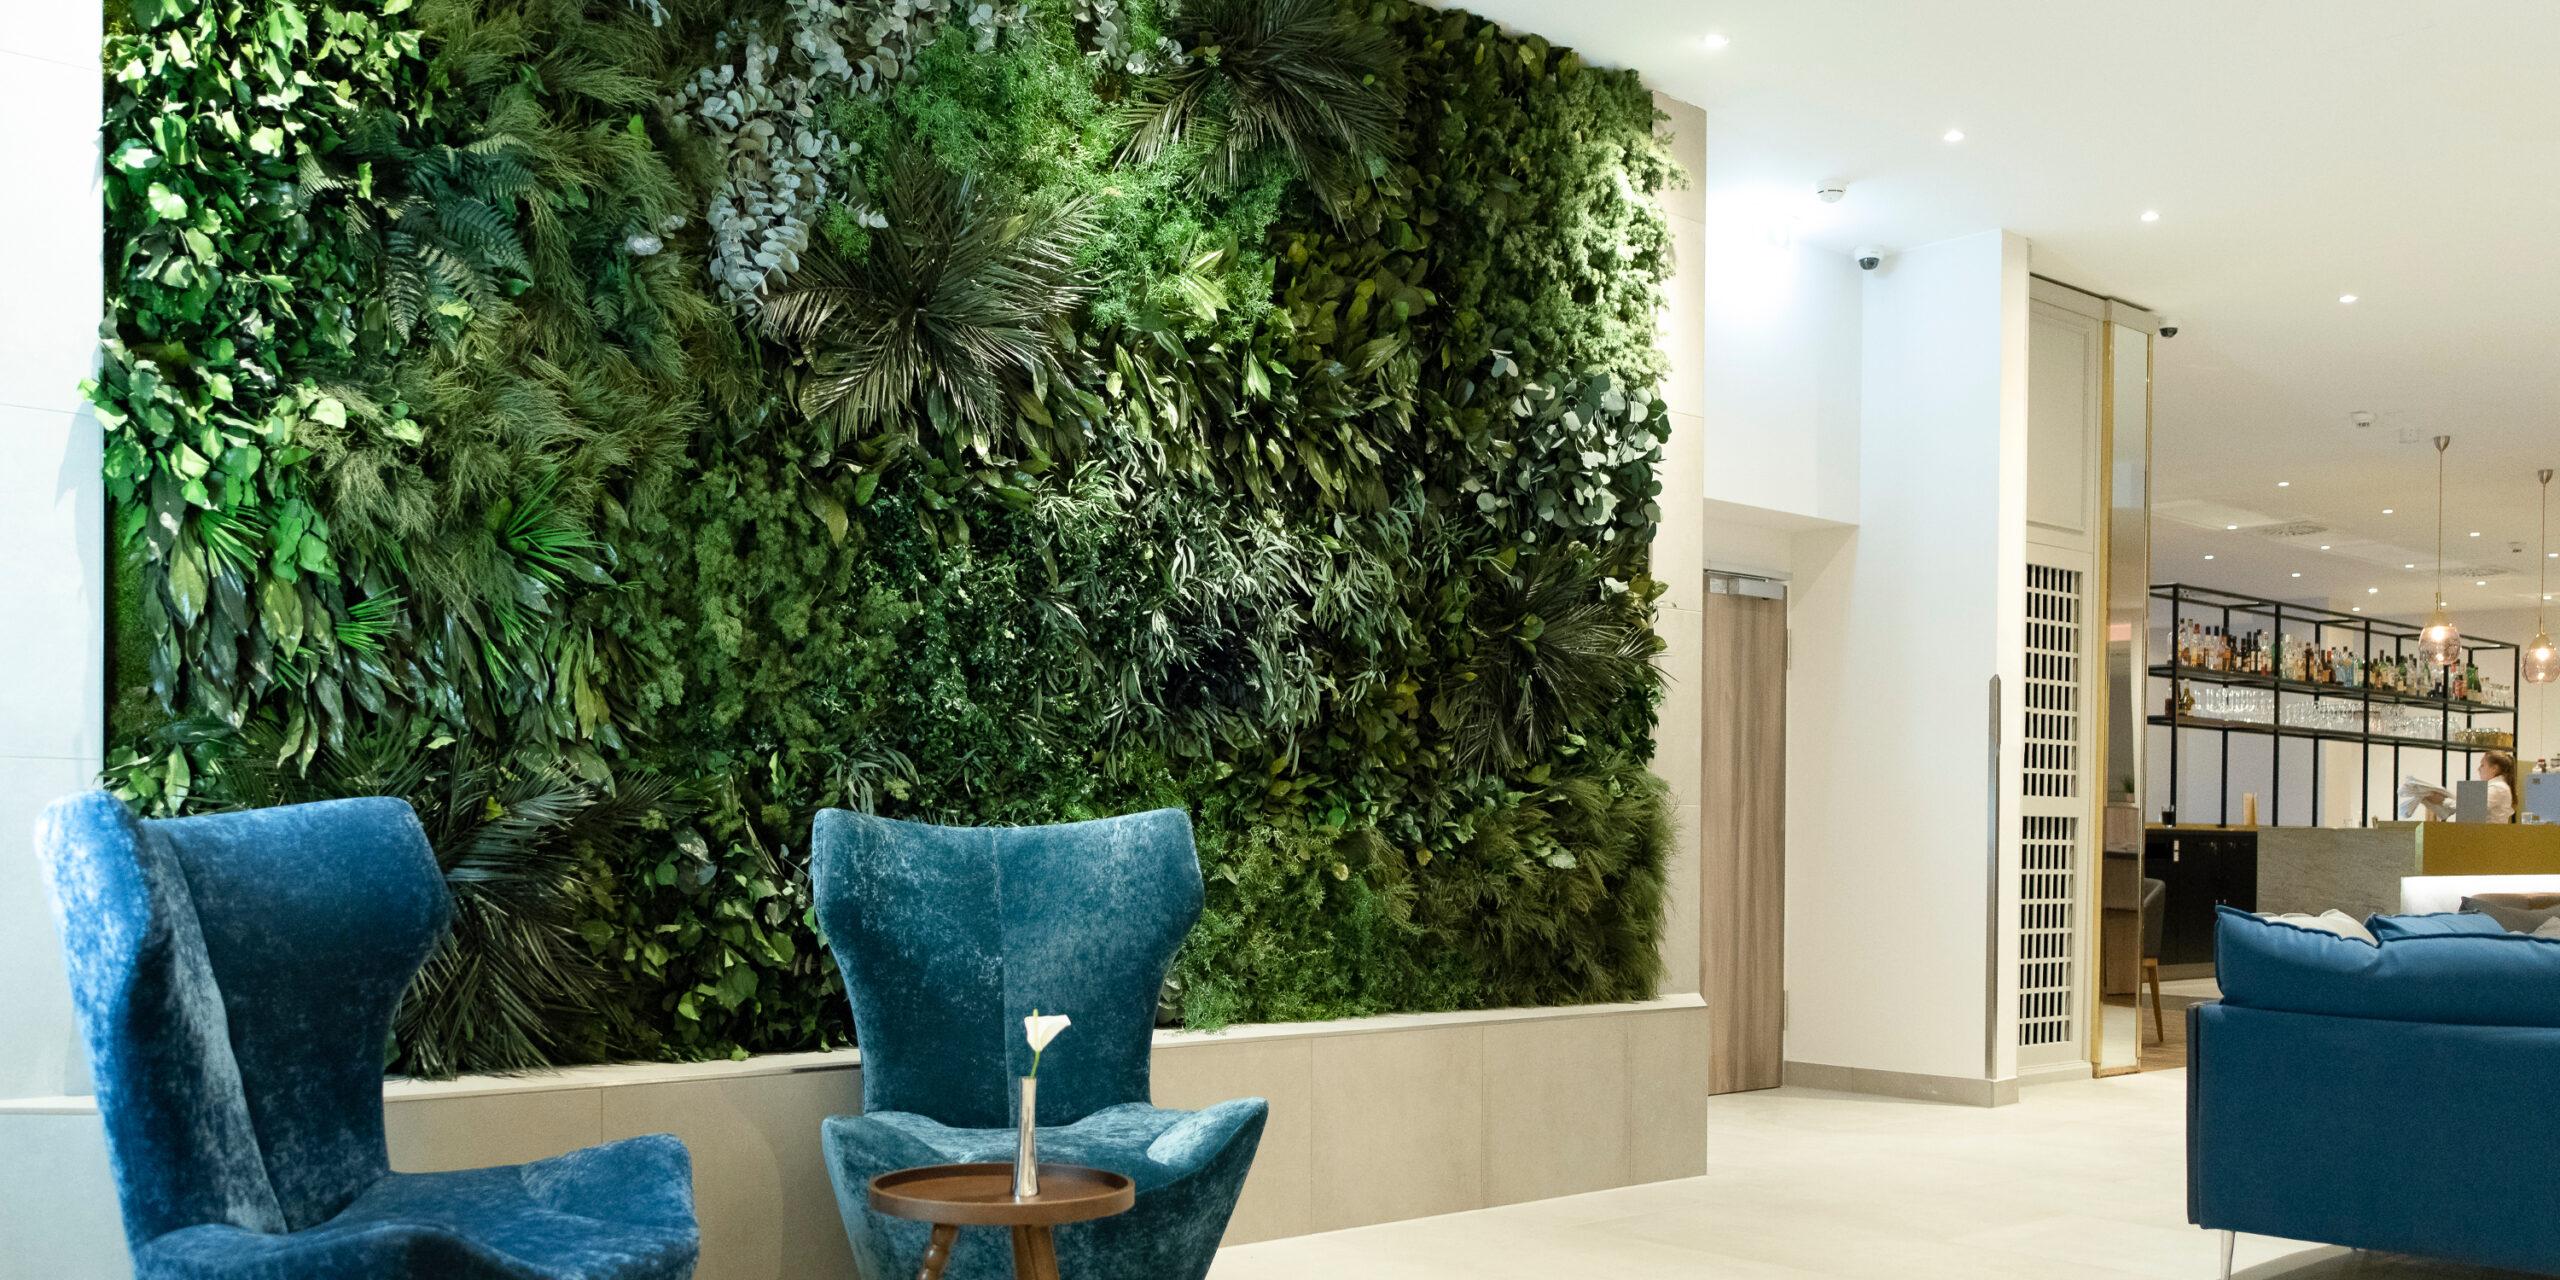 NATURADOR Dschungelwand in Lobby im Hotel